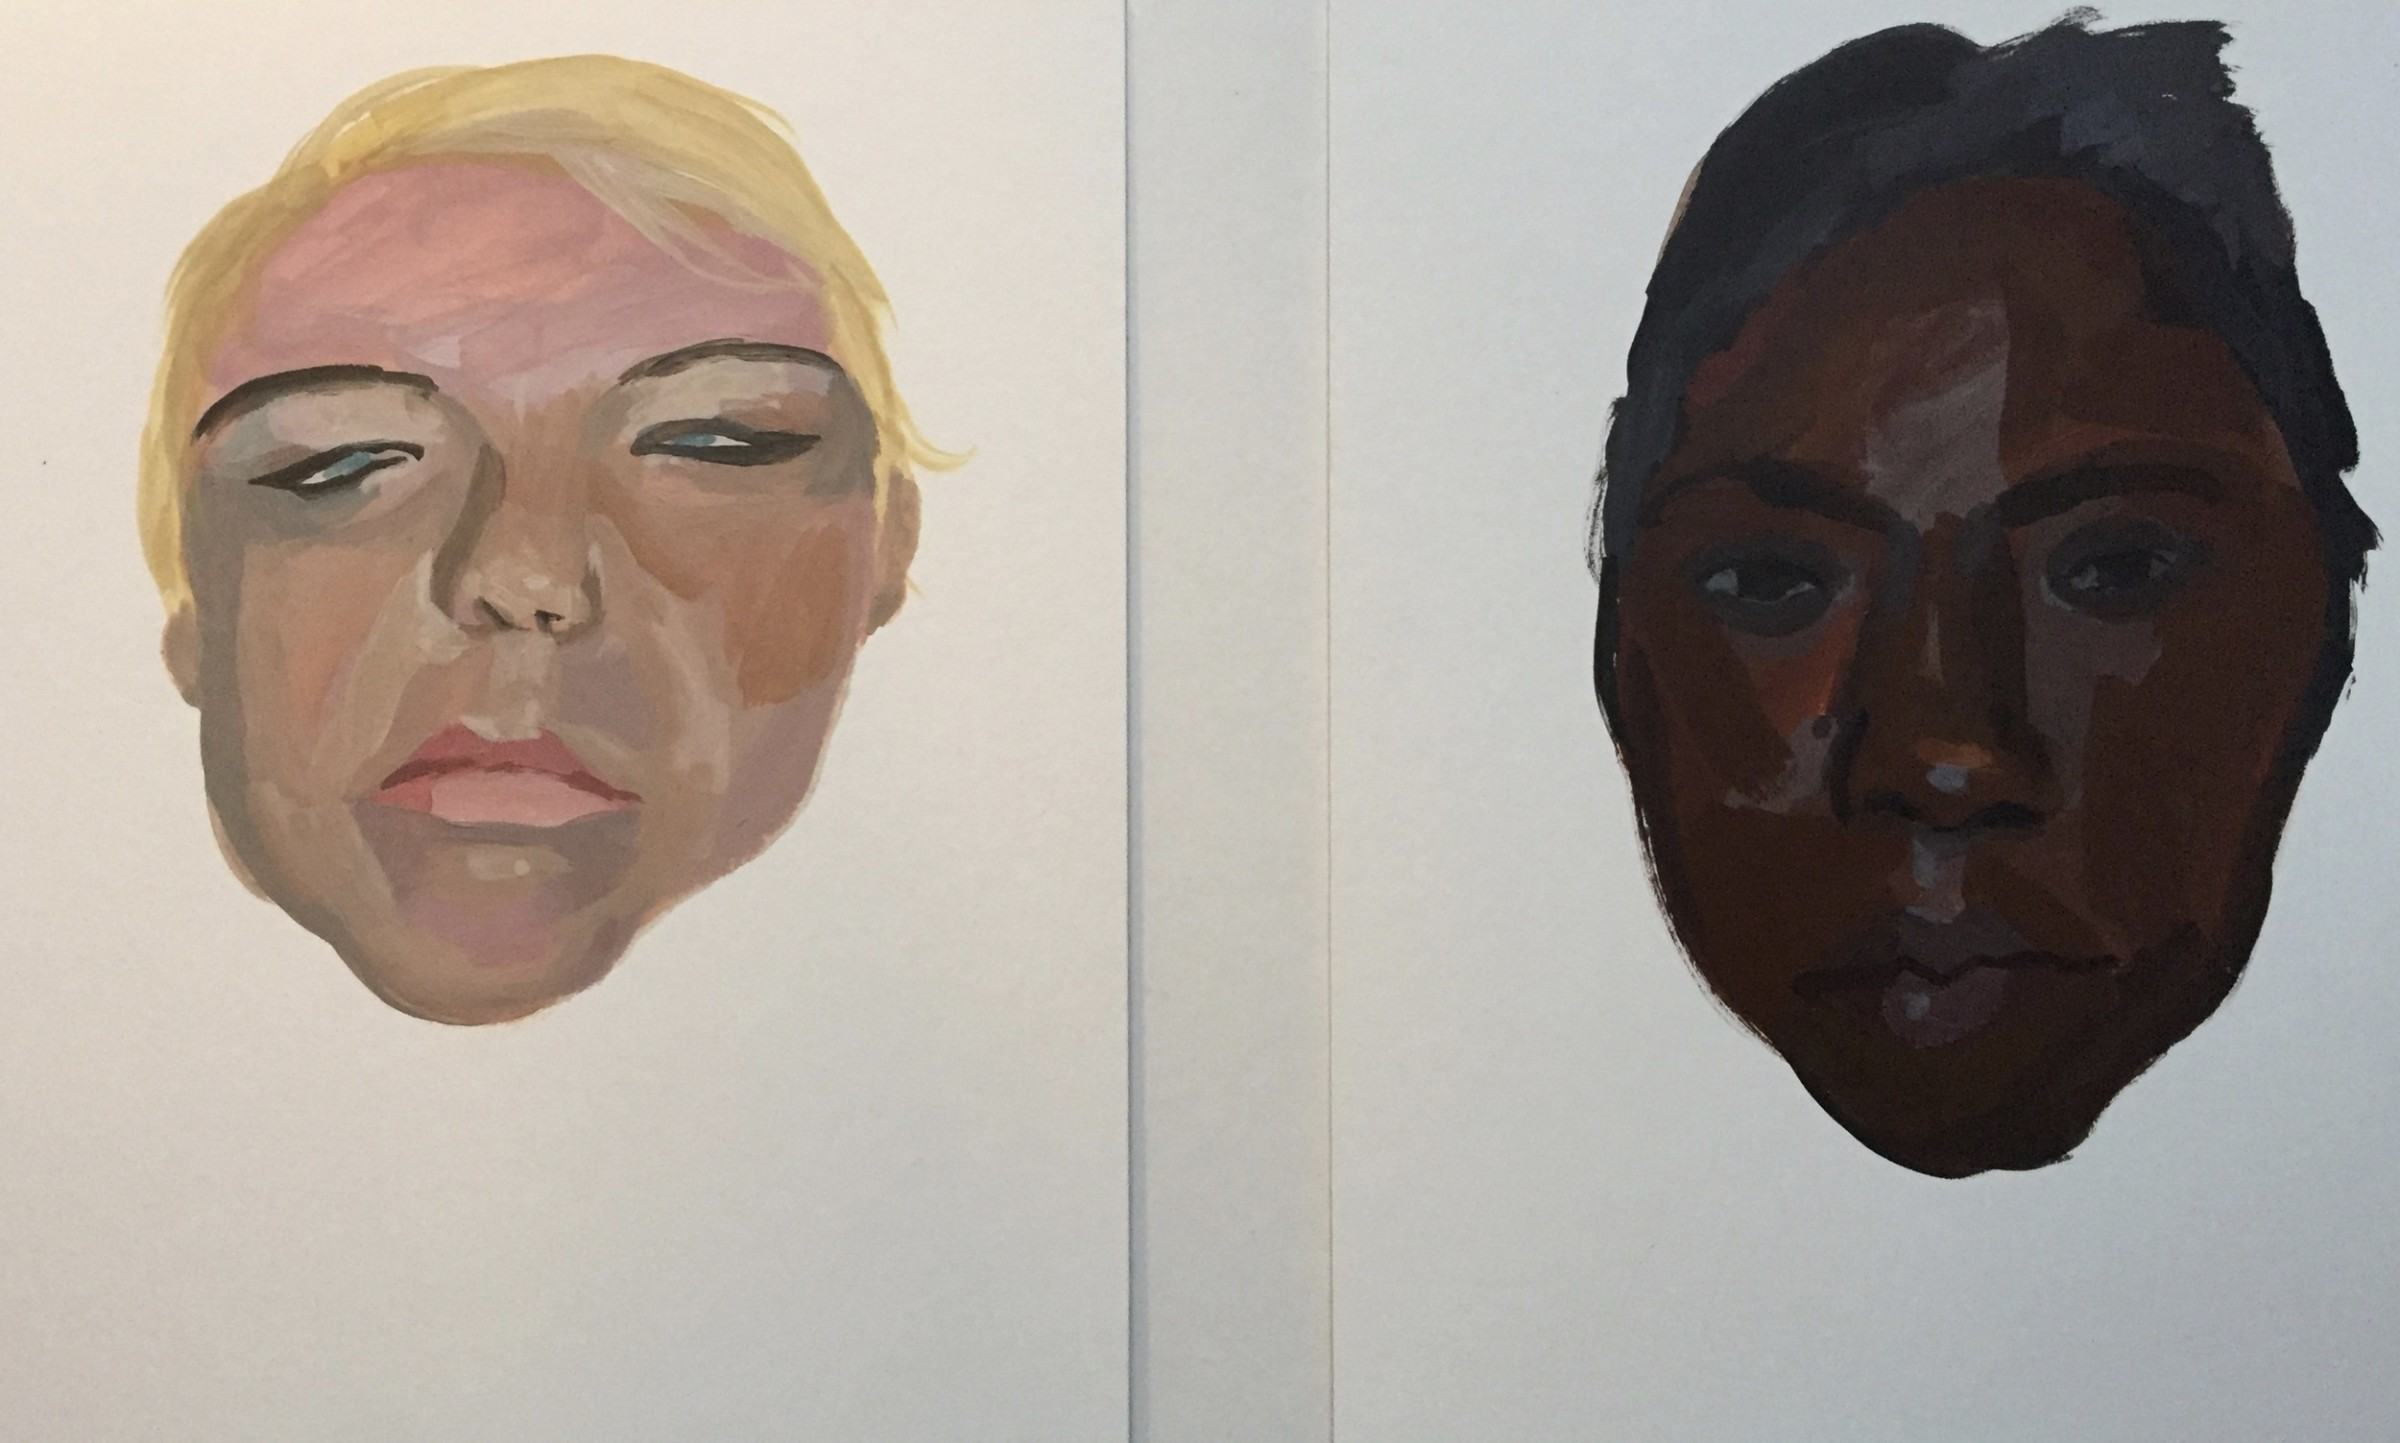 <span class=&#34;link fancybox-details-link&#34;><a href=&#34;/exhibitions/24/works/artworks_standalone10761/&#34;>View Detail Page</a></span><div class=&#34;artist&#34;><span class=&#34;artist&#34;><strong>Claire Parrish</strong></span></div><div class=&#34;title&#34;><em>Inmates of South Dakota Women's Prison</em></div><div class=&#34;medium&#34;>lascaux acrylic</div><div class=&#34;dimensions&#34;>50x35cm</div>